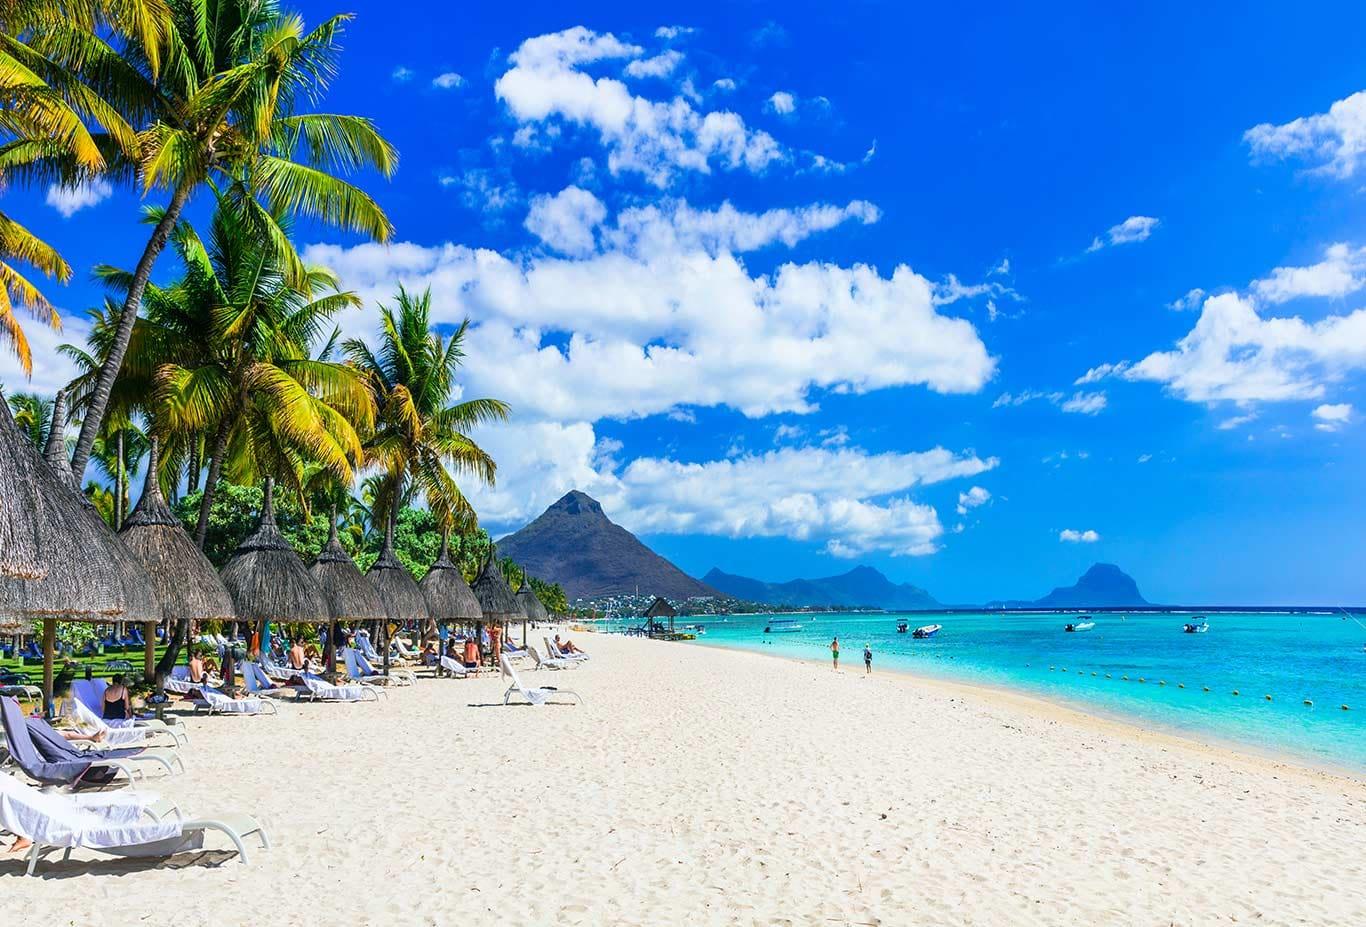 White Sand Beach Anyone?